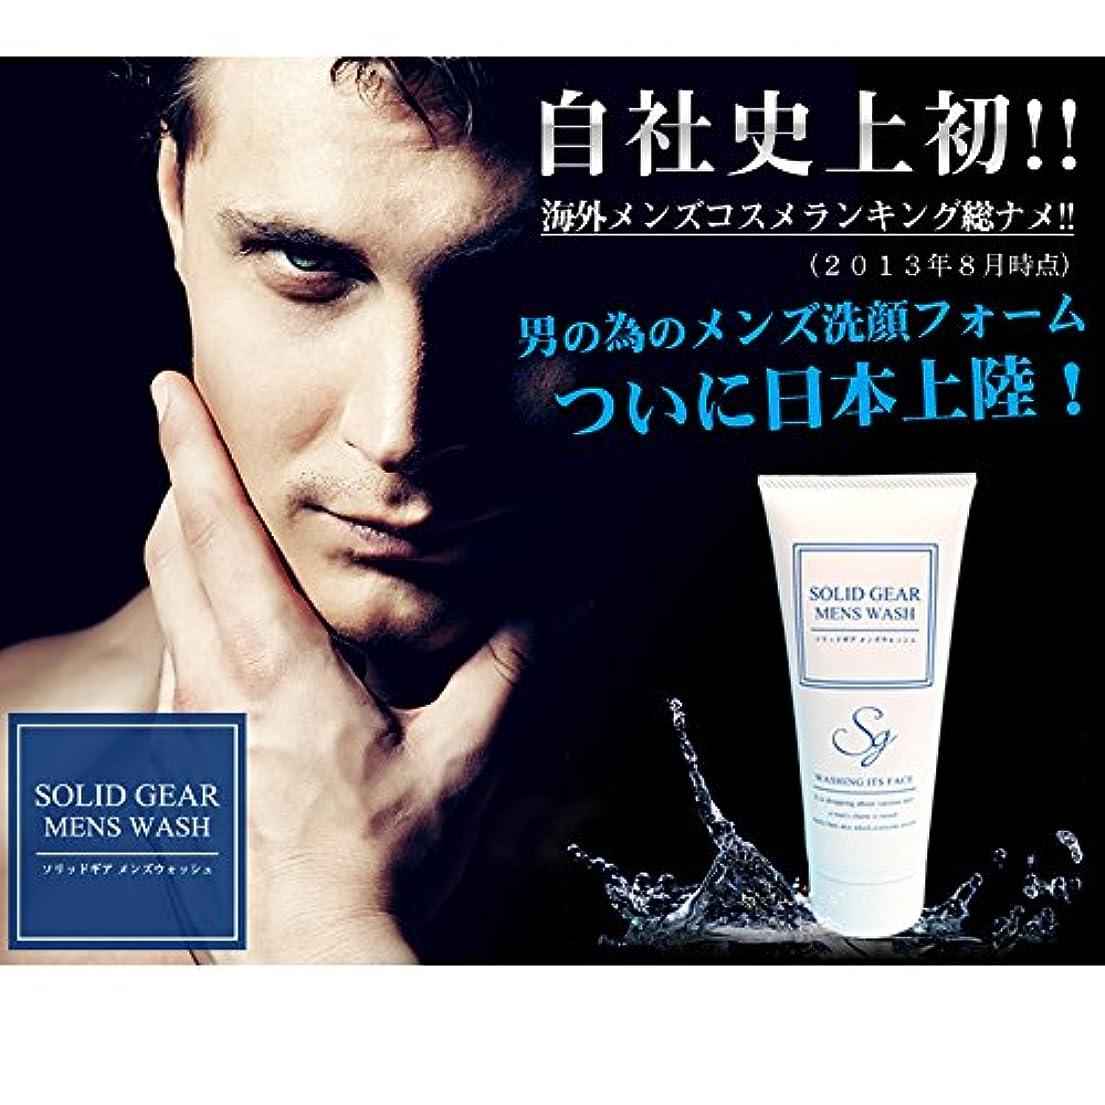 悲しいことに火山学枝男性用洗顔フォーム ソリッドギア メンズウォッシュ